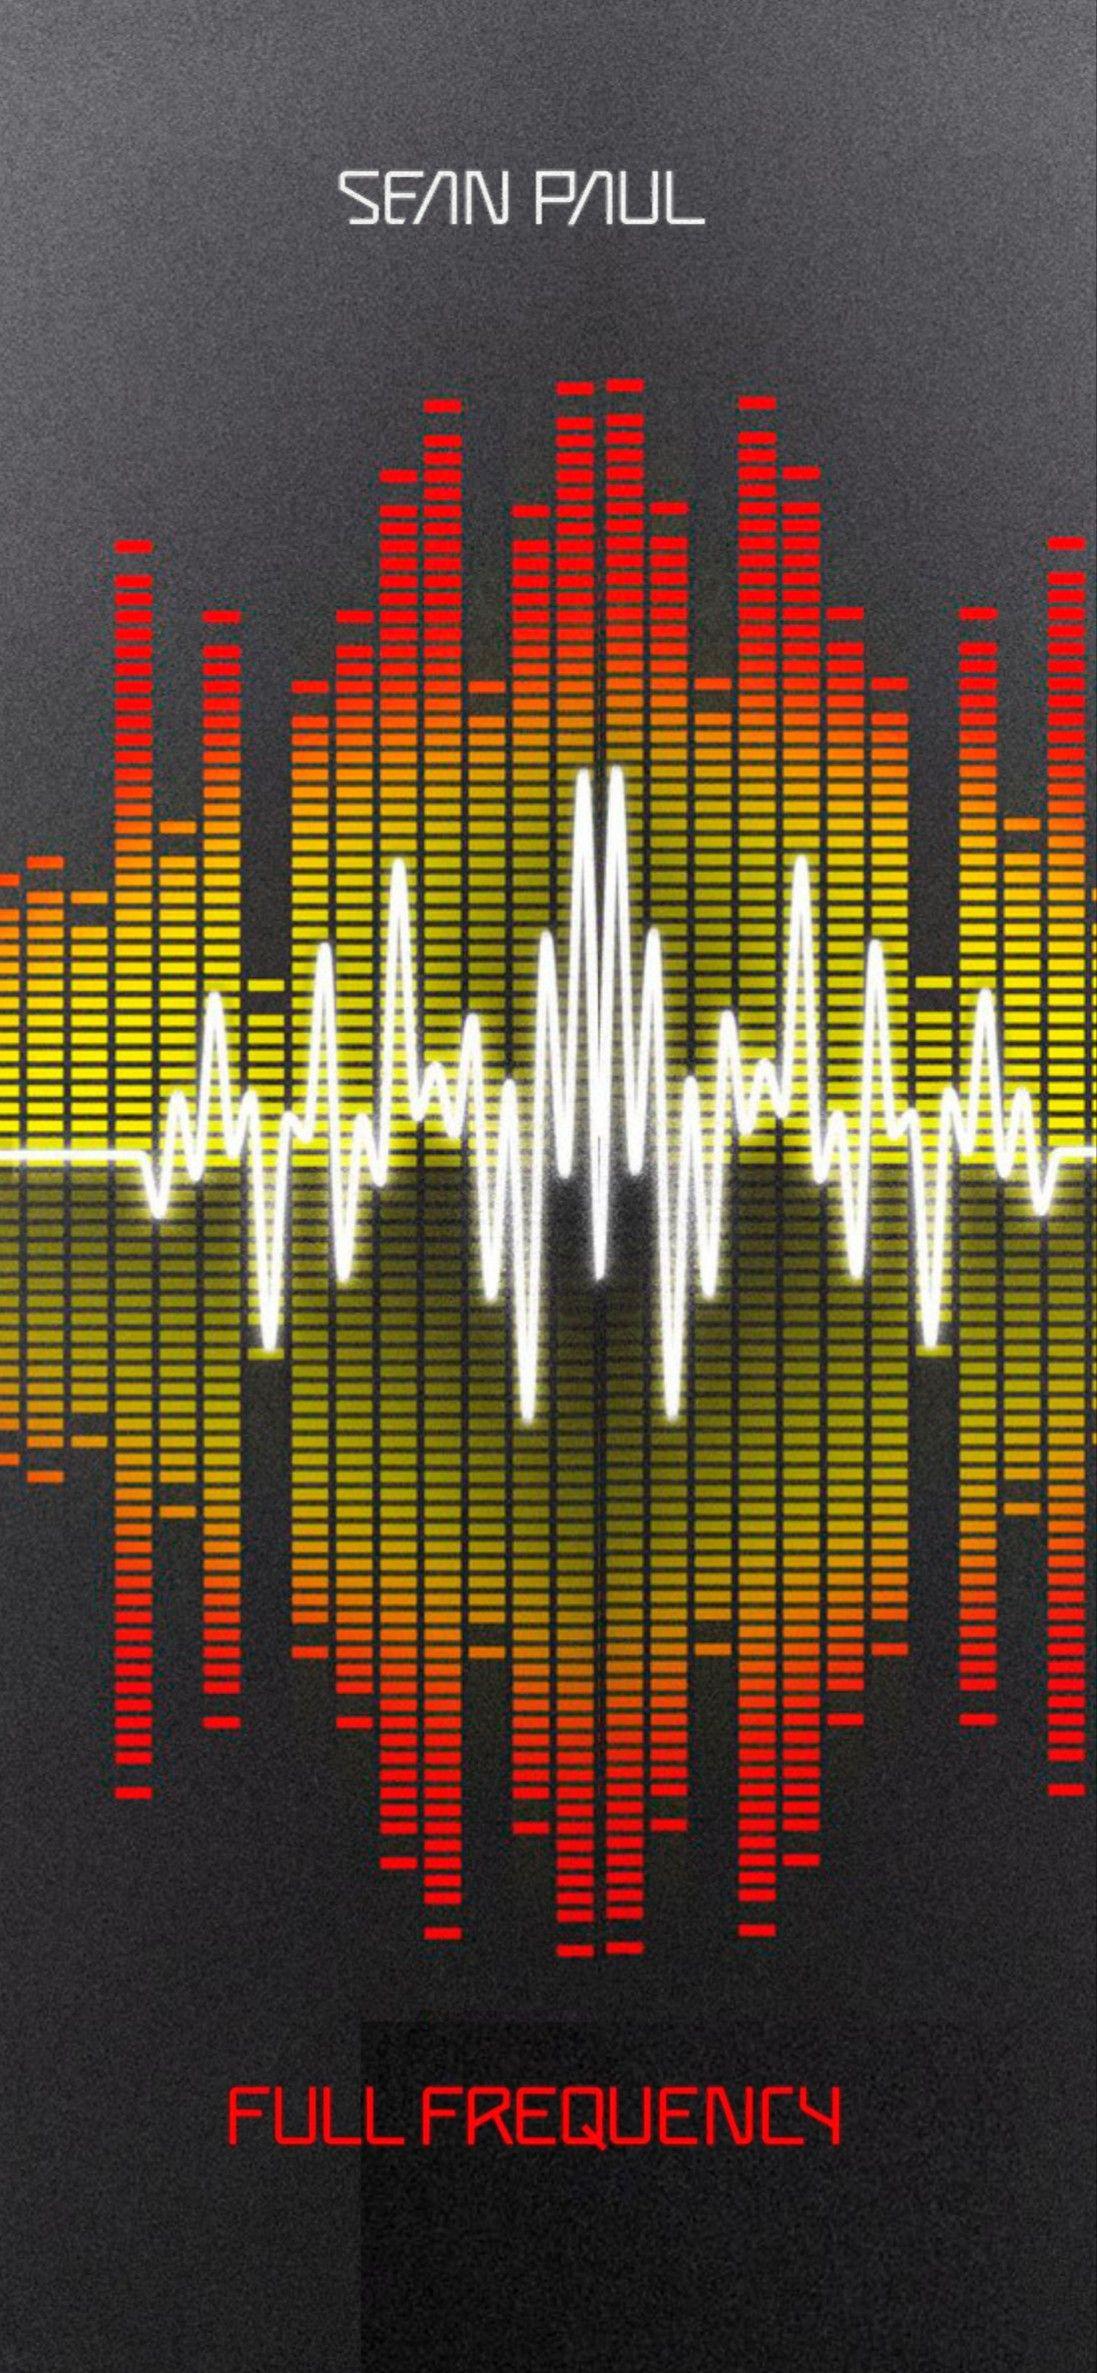 Sean Paul Full Frequency 2014 Reggae Wallpapers Music Wallpaper Wallpaper Reggae